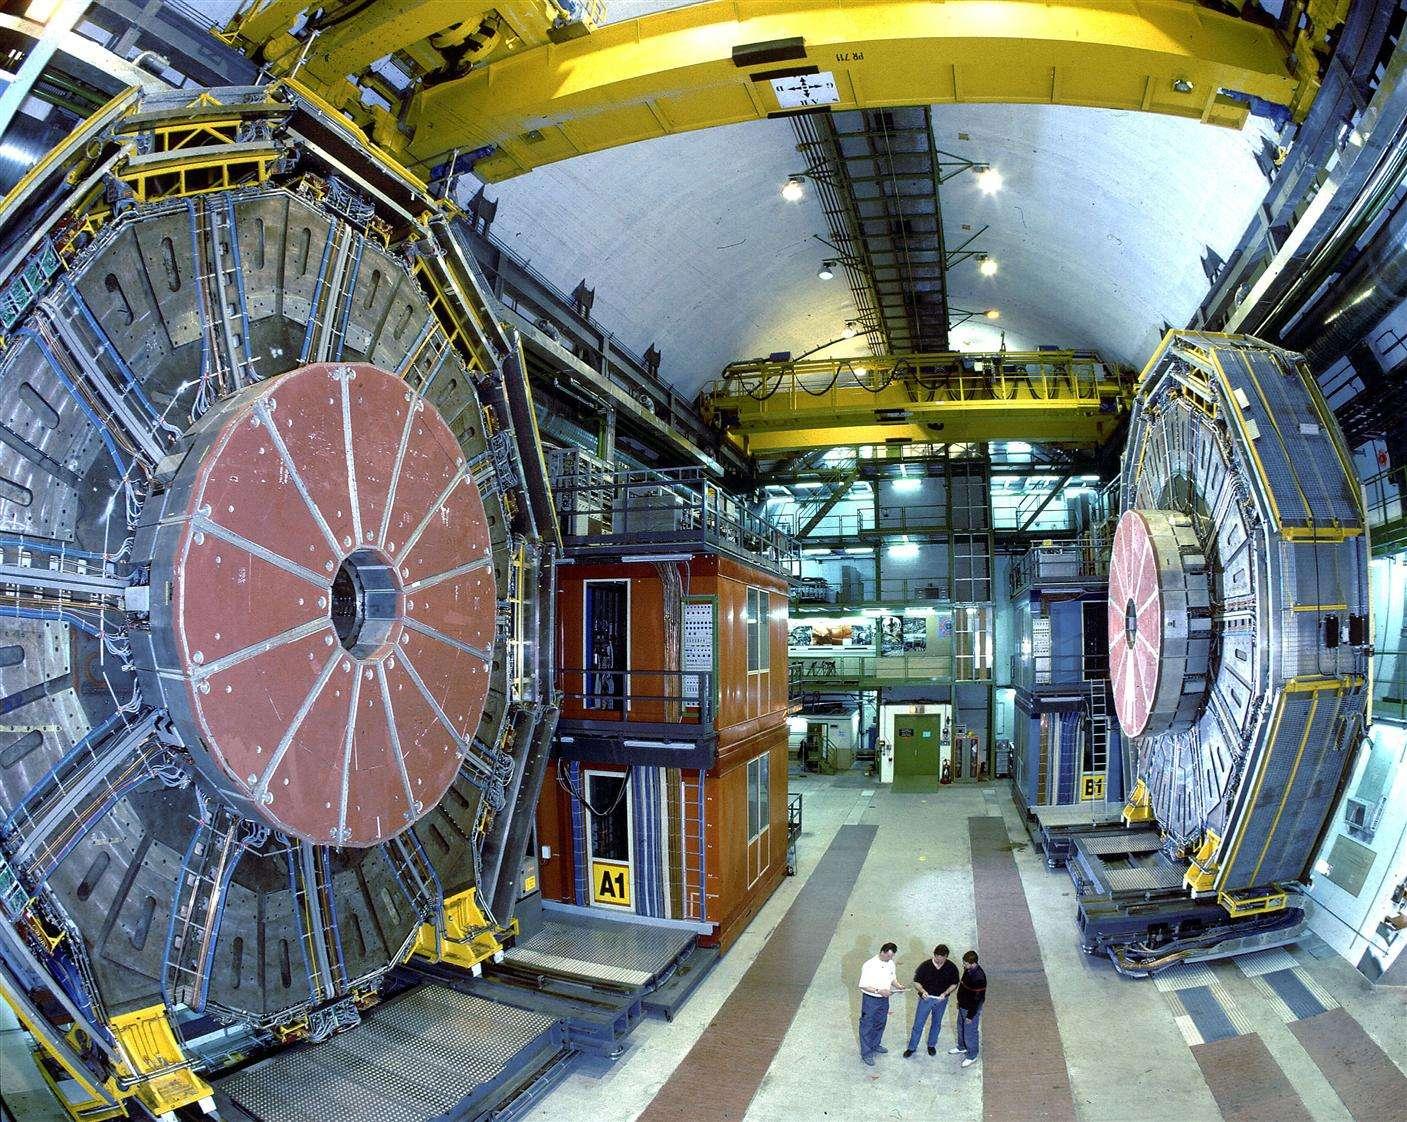 On voit ici une partie du détecteur de particules Aleph, l'un des quatre détecteurs qui observaient les résultats des collisions de positrons et d'électrons accélérés par le Lep. On a chassé, sans succès, le boson de Higgs avec Aleph. © Cern